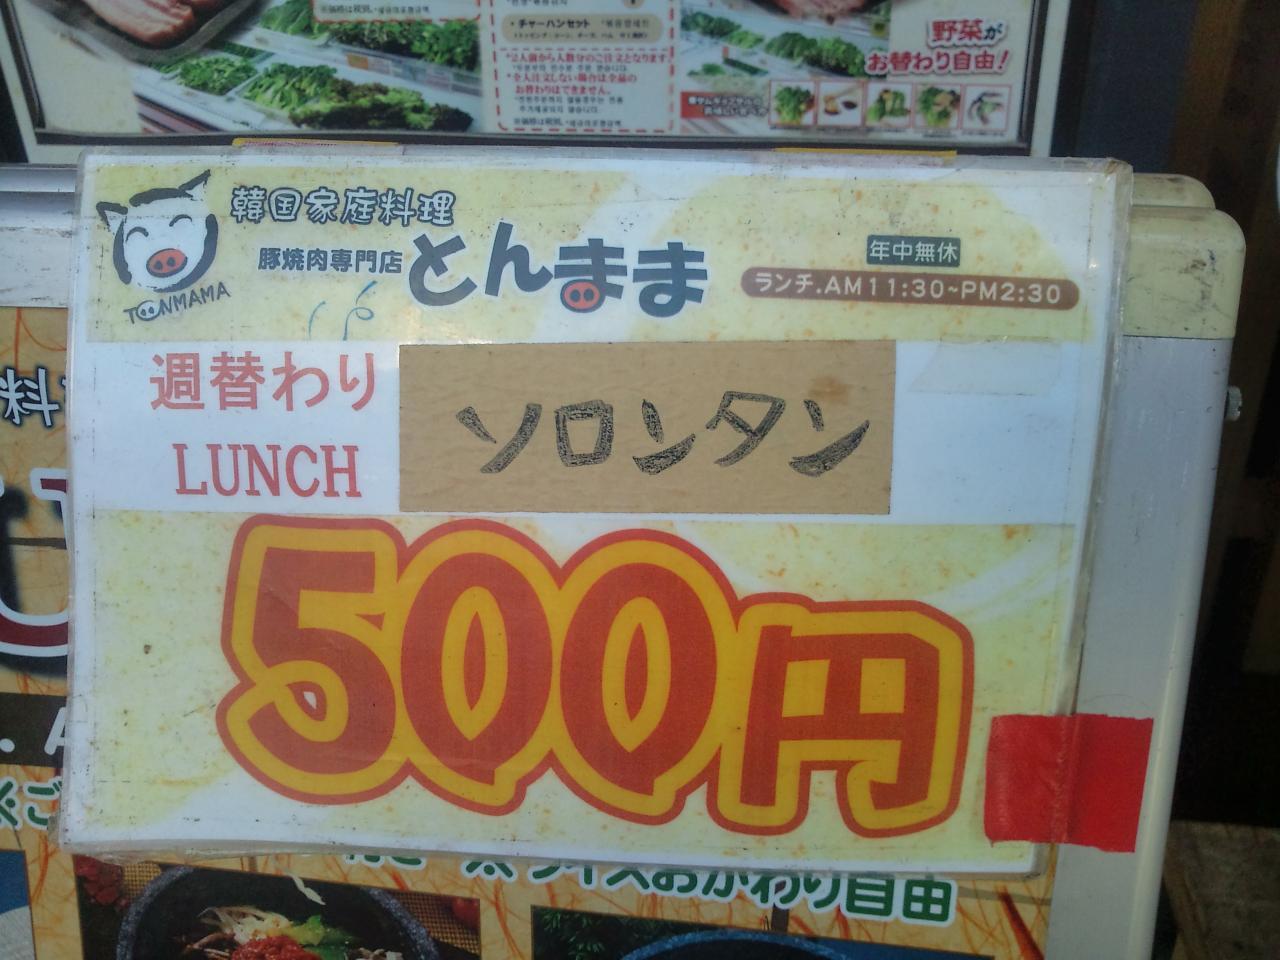 とんまま中目黒店(ワンコイン)